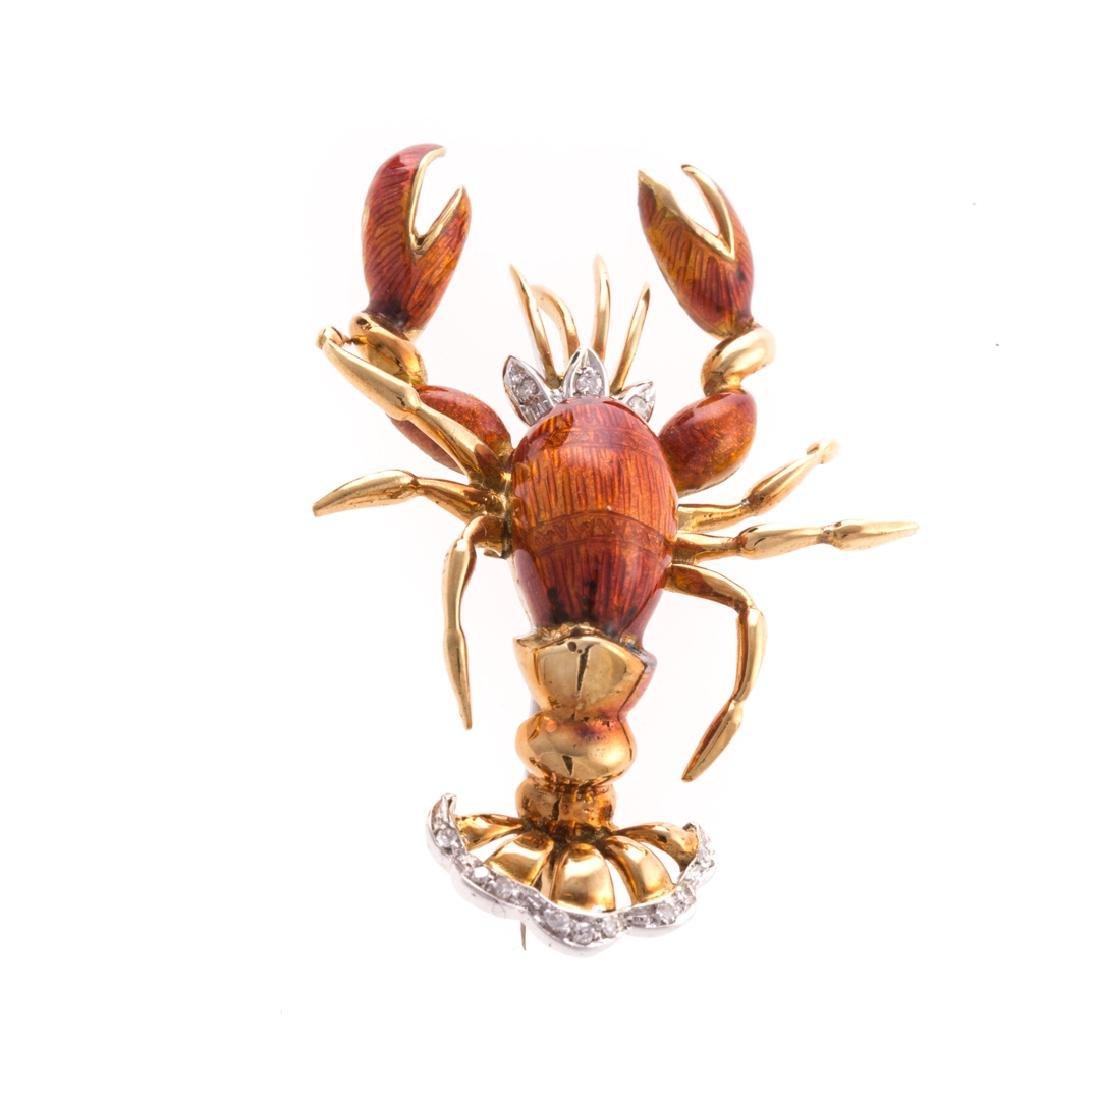 A 18K Enamel & Diamond Lobster Pin by Tiffany & Co